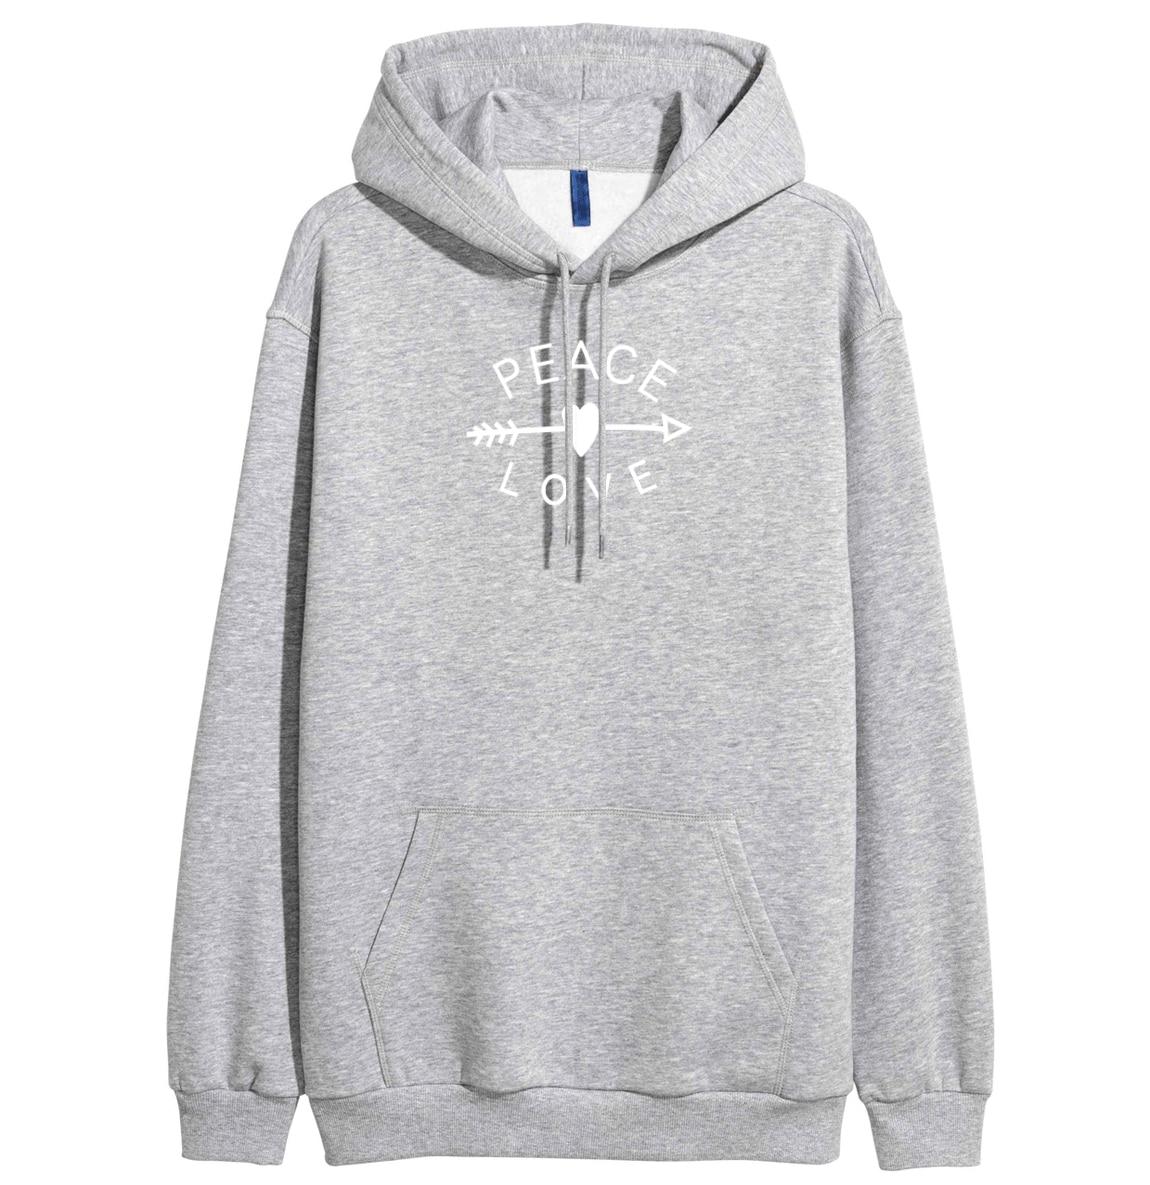 PEACE LOVE Letter Print Hoody For Women 2019 New Arrival Spring Fleece Winter Sweatshirt With Hat Fashion Women's Sportswear